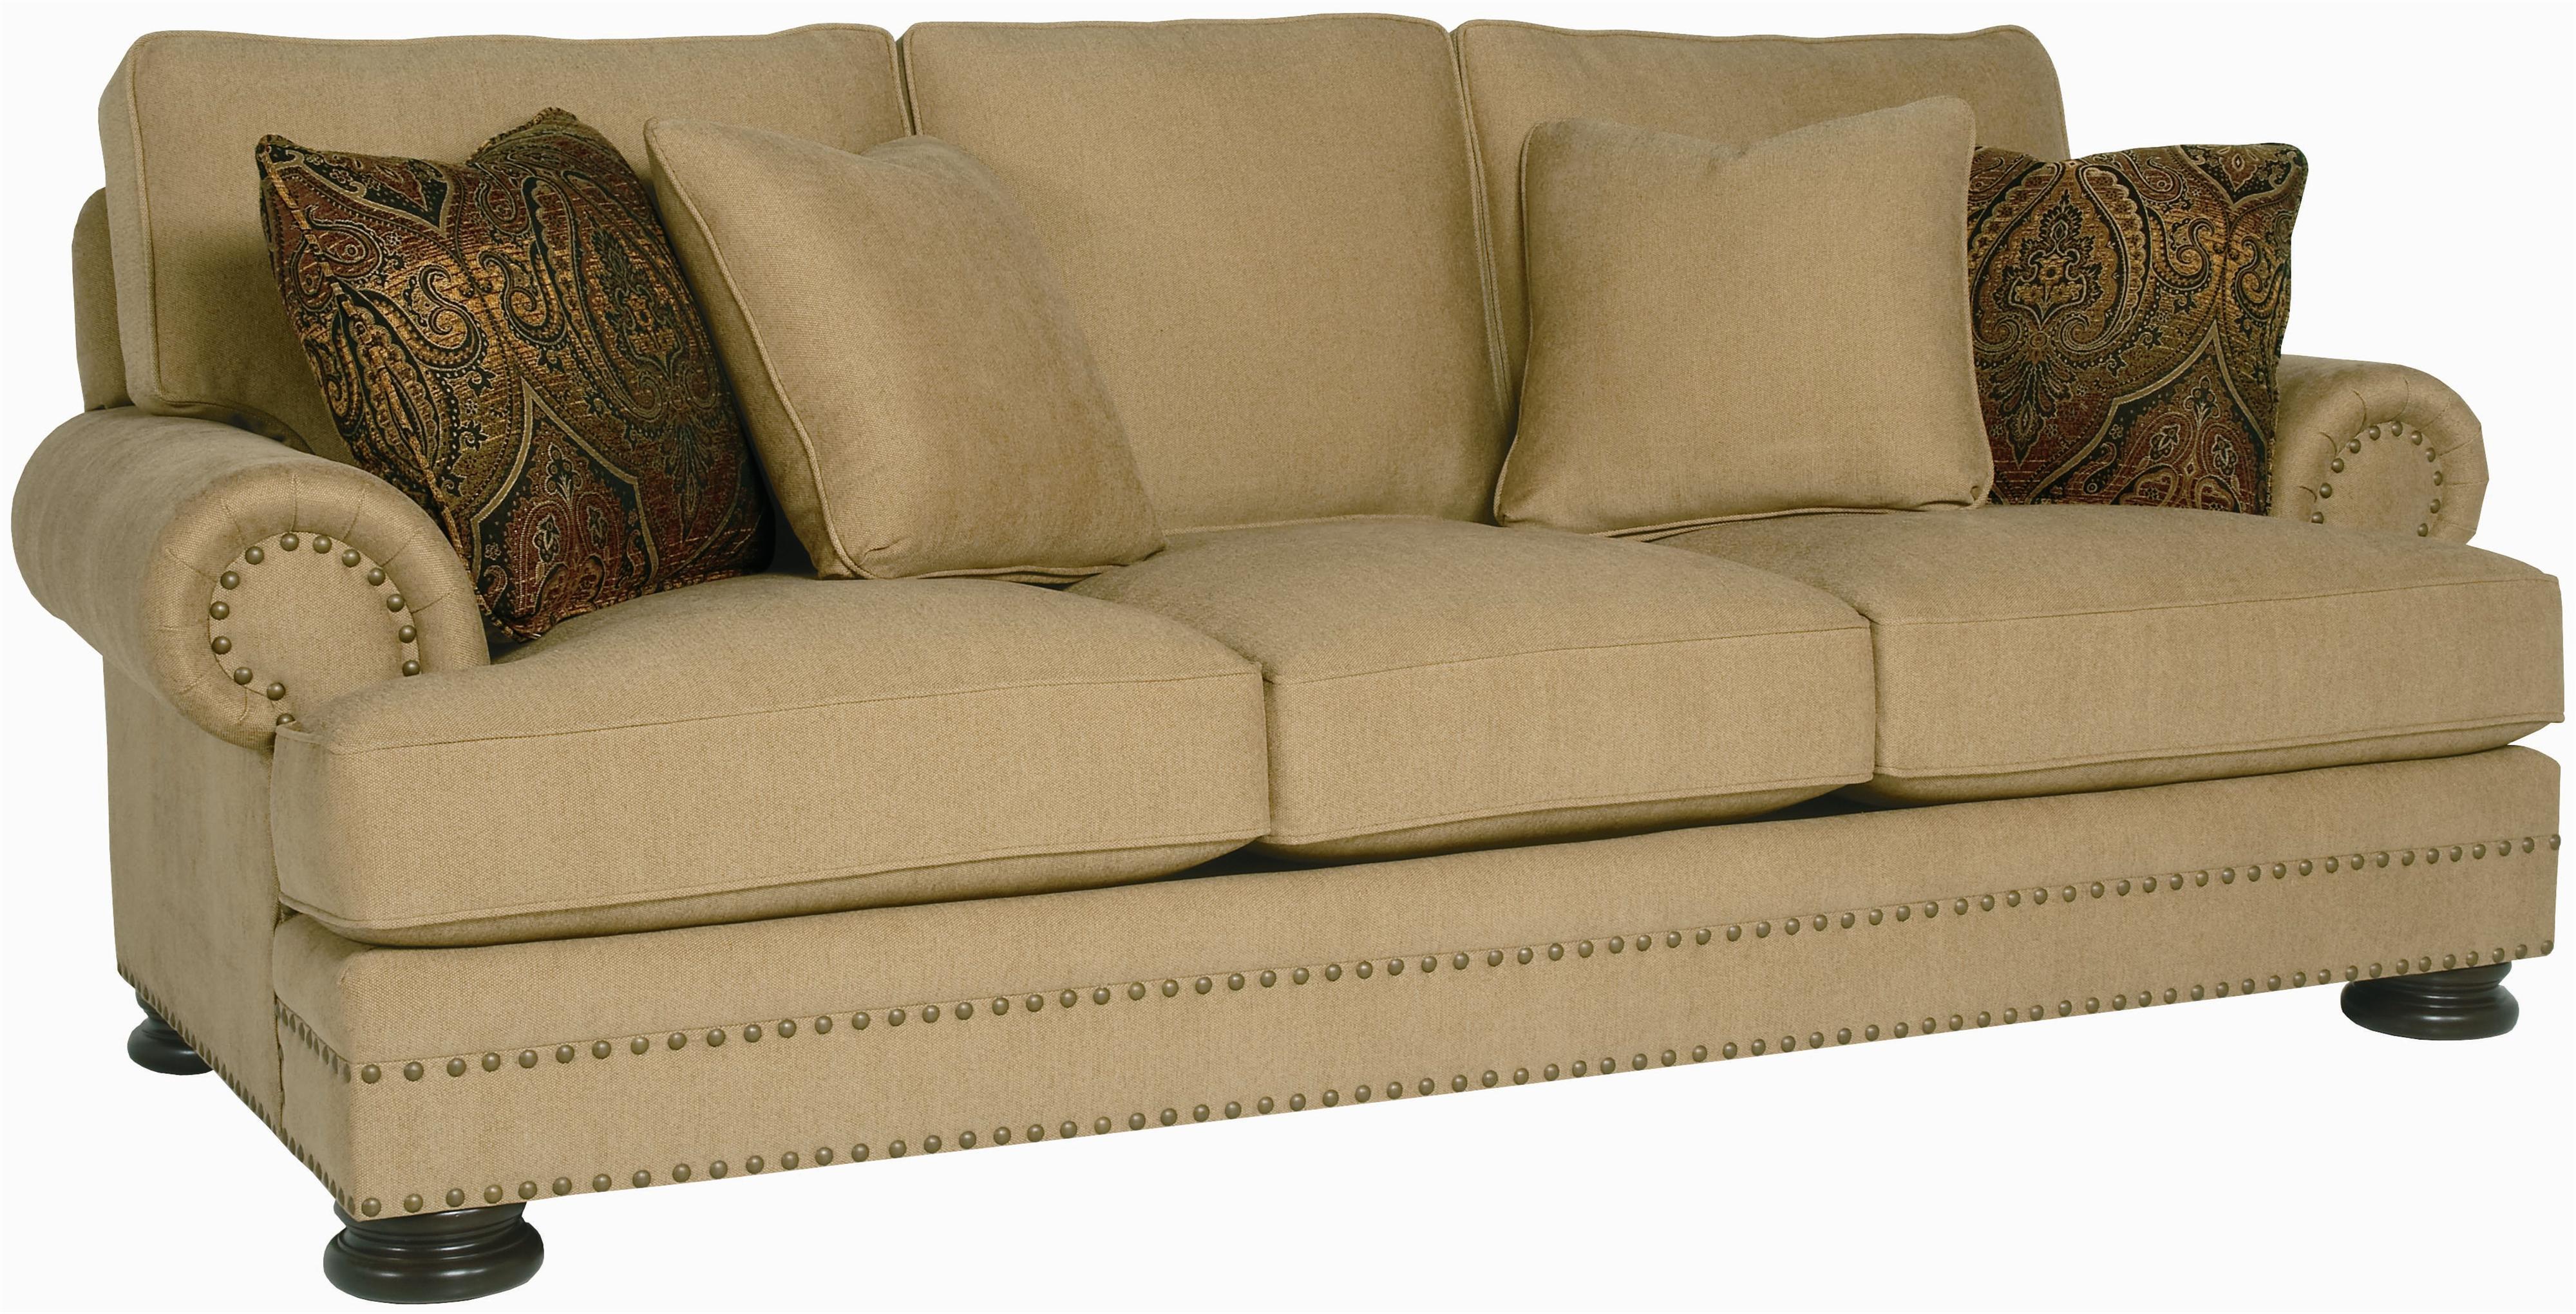 Bernhardt Foster  Sofa - Item Number: T5177